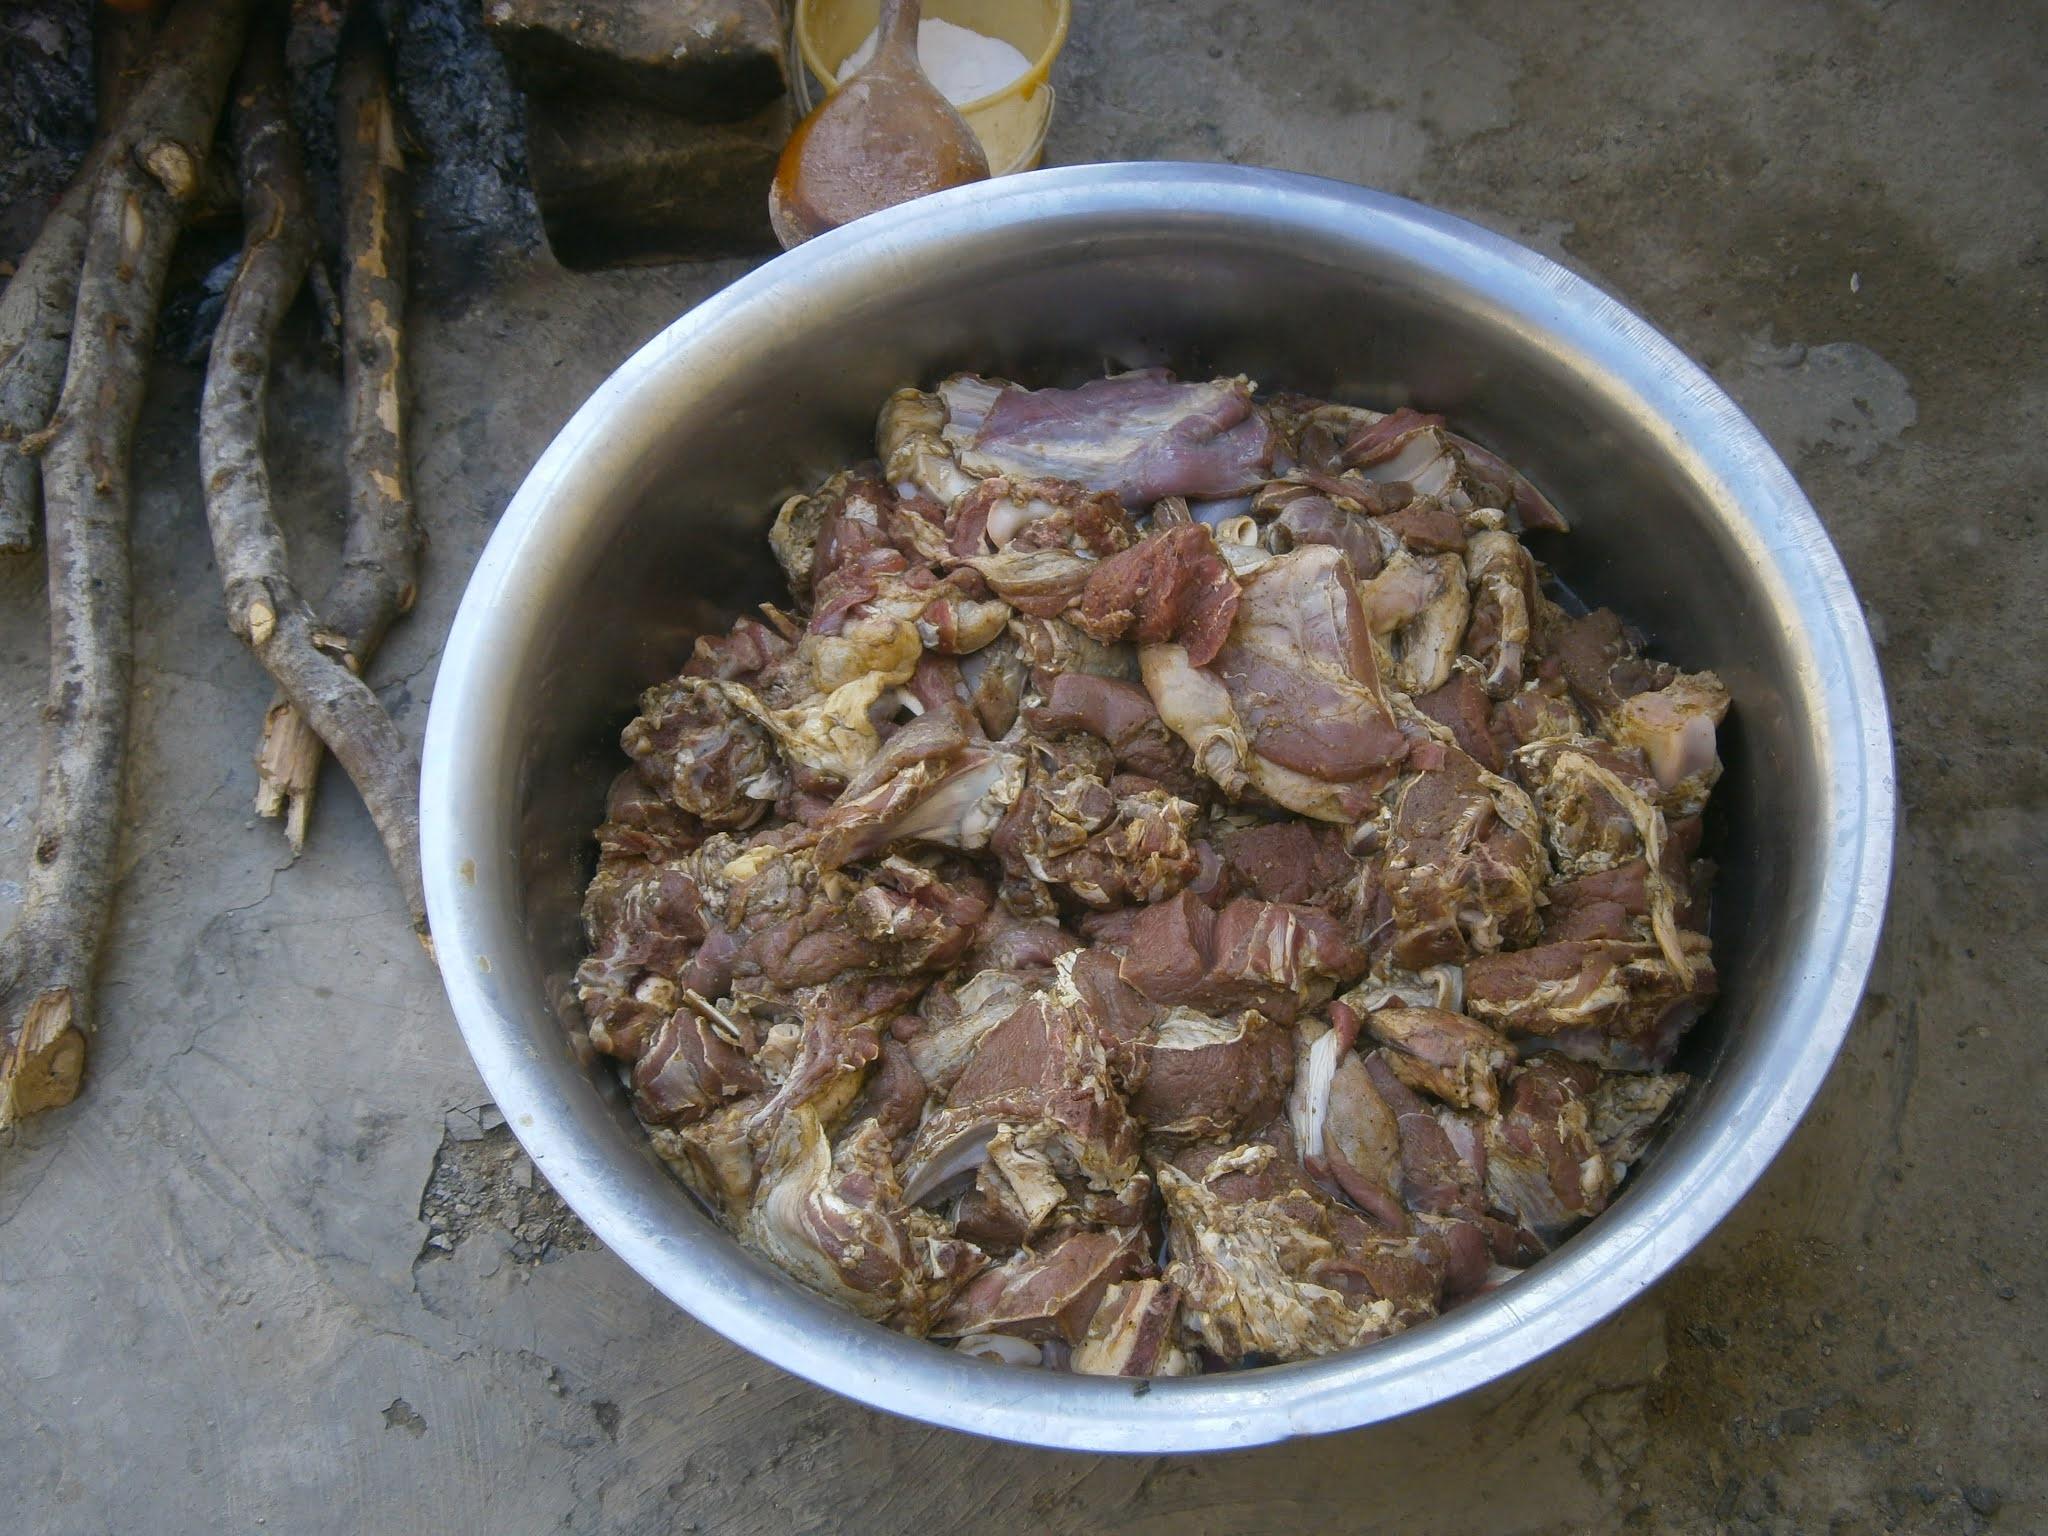 Carne de borrego cortado en presas para una fiesta social